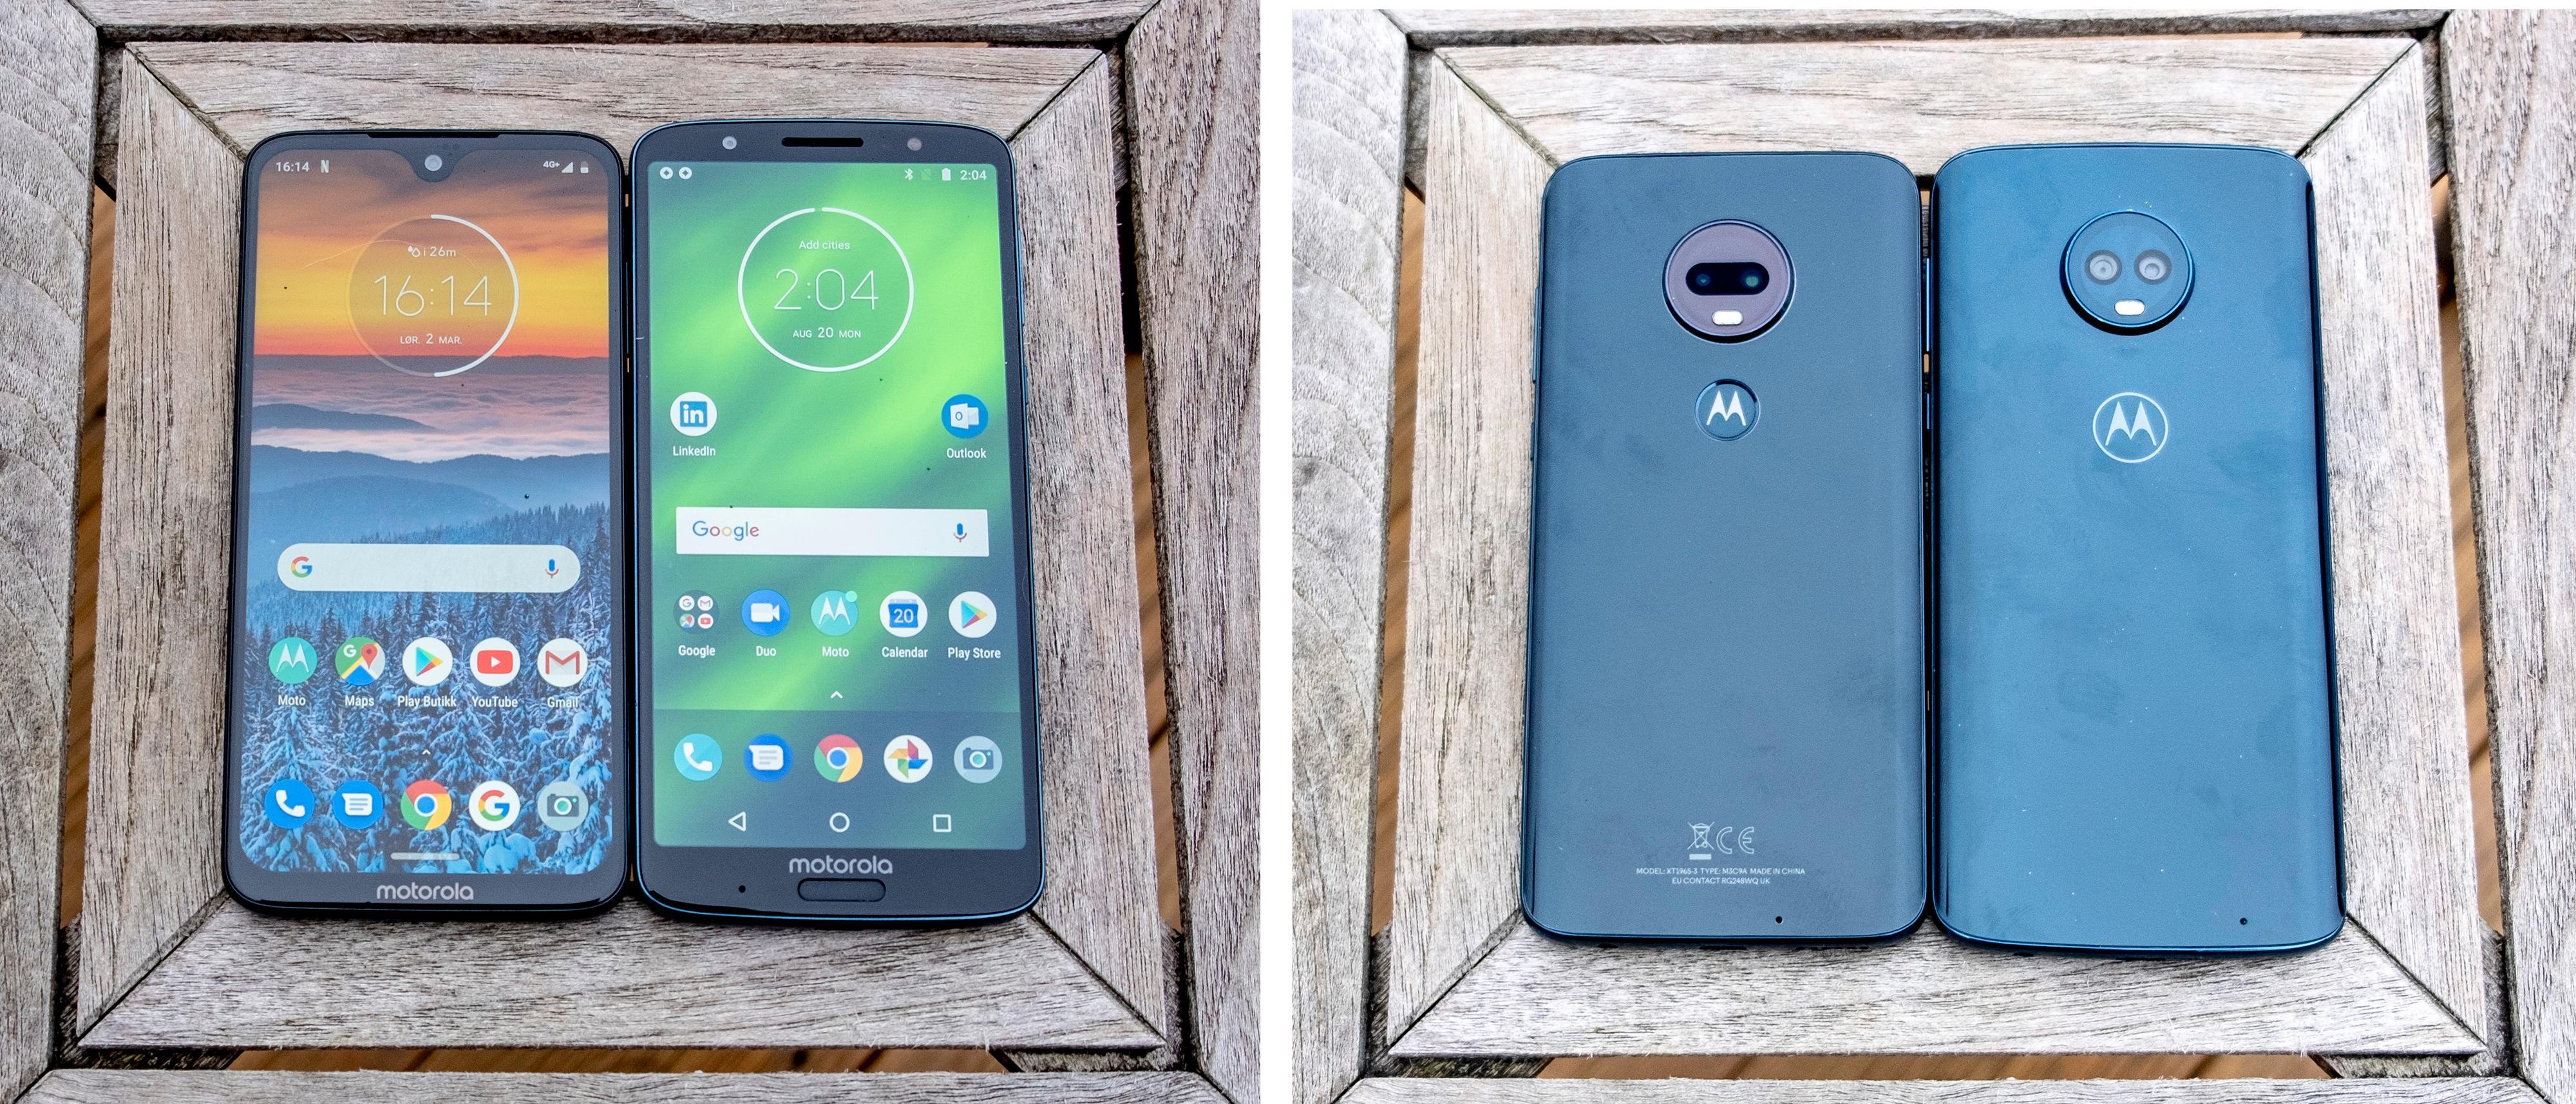 Moto G7 Plus (venstre) og Moto G6 Plus foran og bak. Fingerleseren er flyttet vekk fra forsiden og har landet bak M-logoen på baksiden på 7 Plus. I tillegg har skjermen fått smalere kant oppe på den nye, men det stikker et kamera ned i den. Kamerabumpene på baksiden har fått ny innmat som gjør dem bedre i noen situasjoner, men ikke i alle.